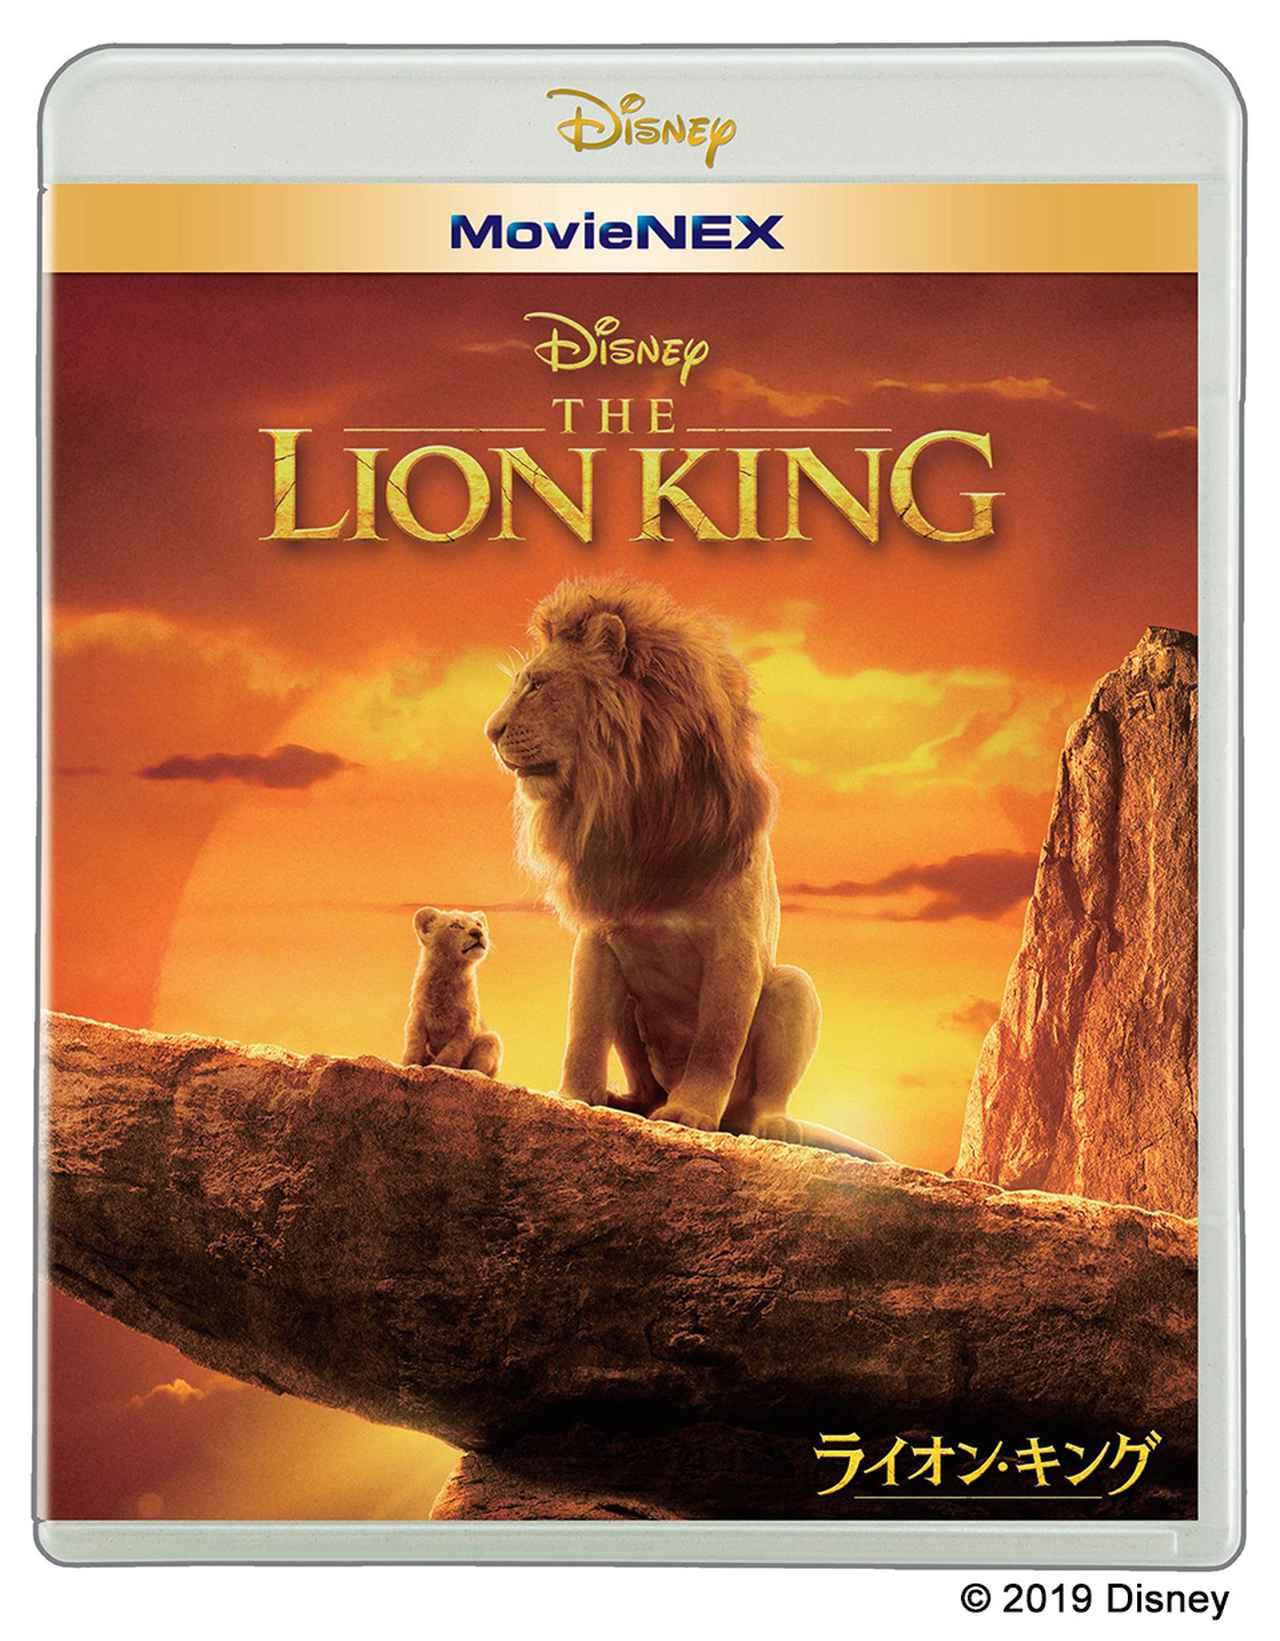 画像: 『ライオン・キング MovieNEX』4,200円+税 『ライオン・キング 4K UHD MovieNEX』6,000円+税 『ライオン・キング MovieNEXコレクション(期間限定)』8,000円+税 12月4日(水)発売、先行デジタル配信中 © 2019 Disney